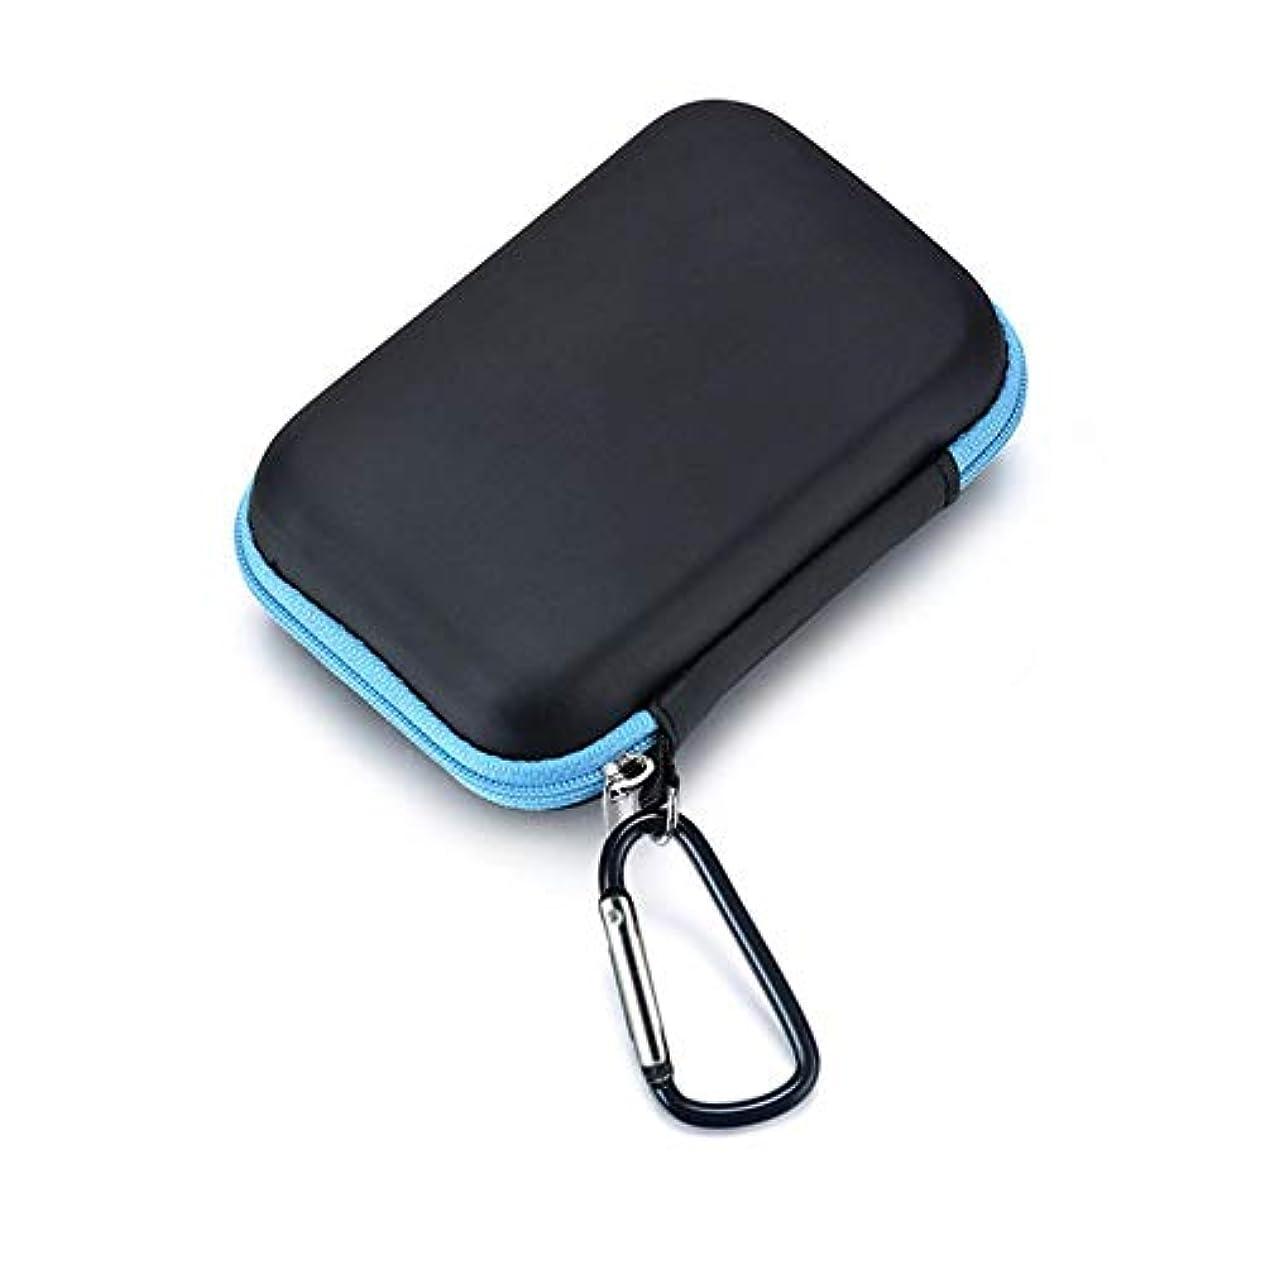 突進影響力のある豆Pursue エッセンシャルオイル収納ケース アロマオイル収納ボックス アロマポーチ収納ケース 耐震 携帯便利 香水収納ポーチ 化粧ポーチ 15本用